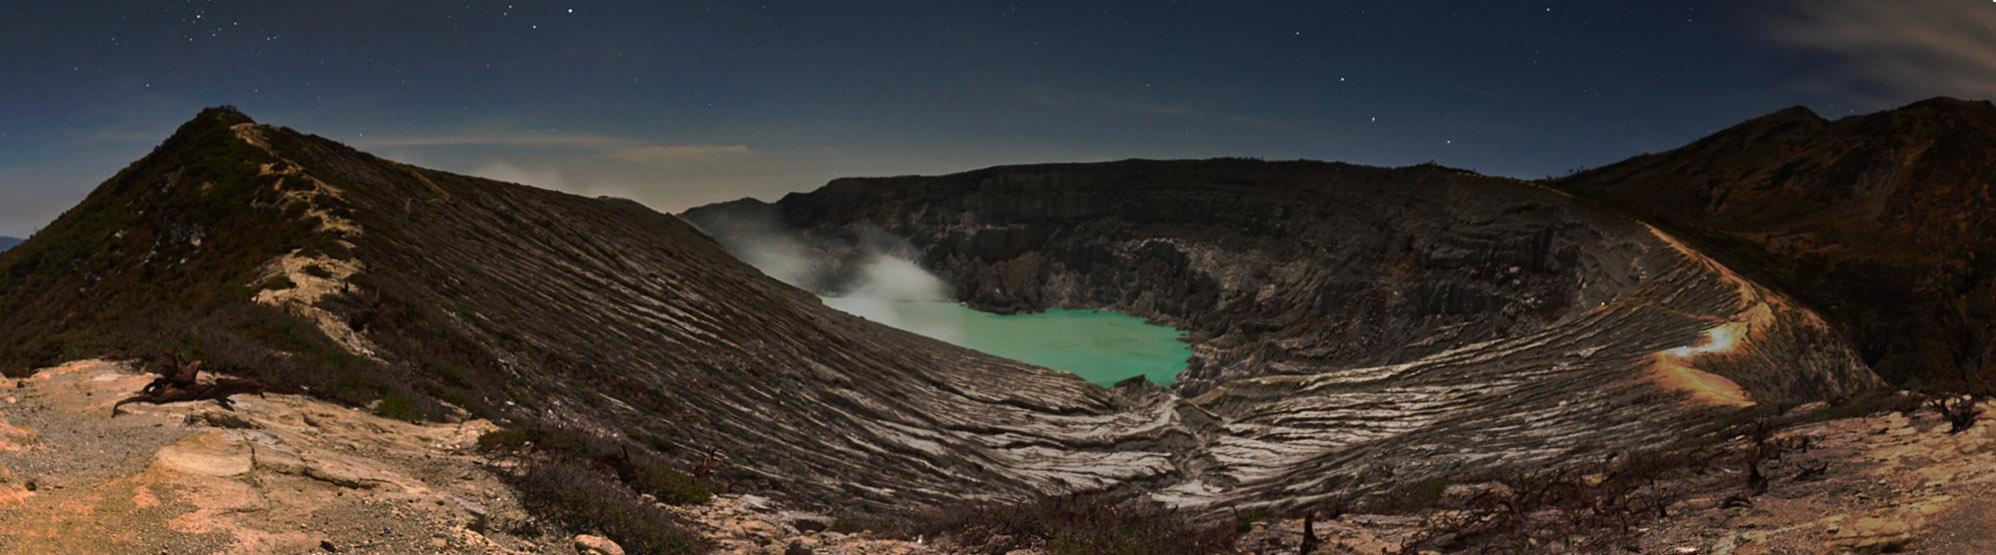 indonezja 0497PANO W siarkowym piekle   Wulkan Ijen